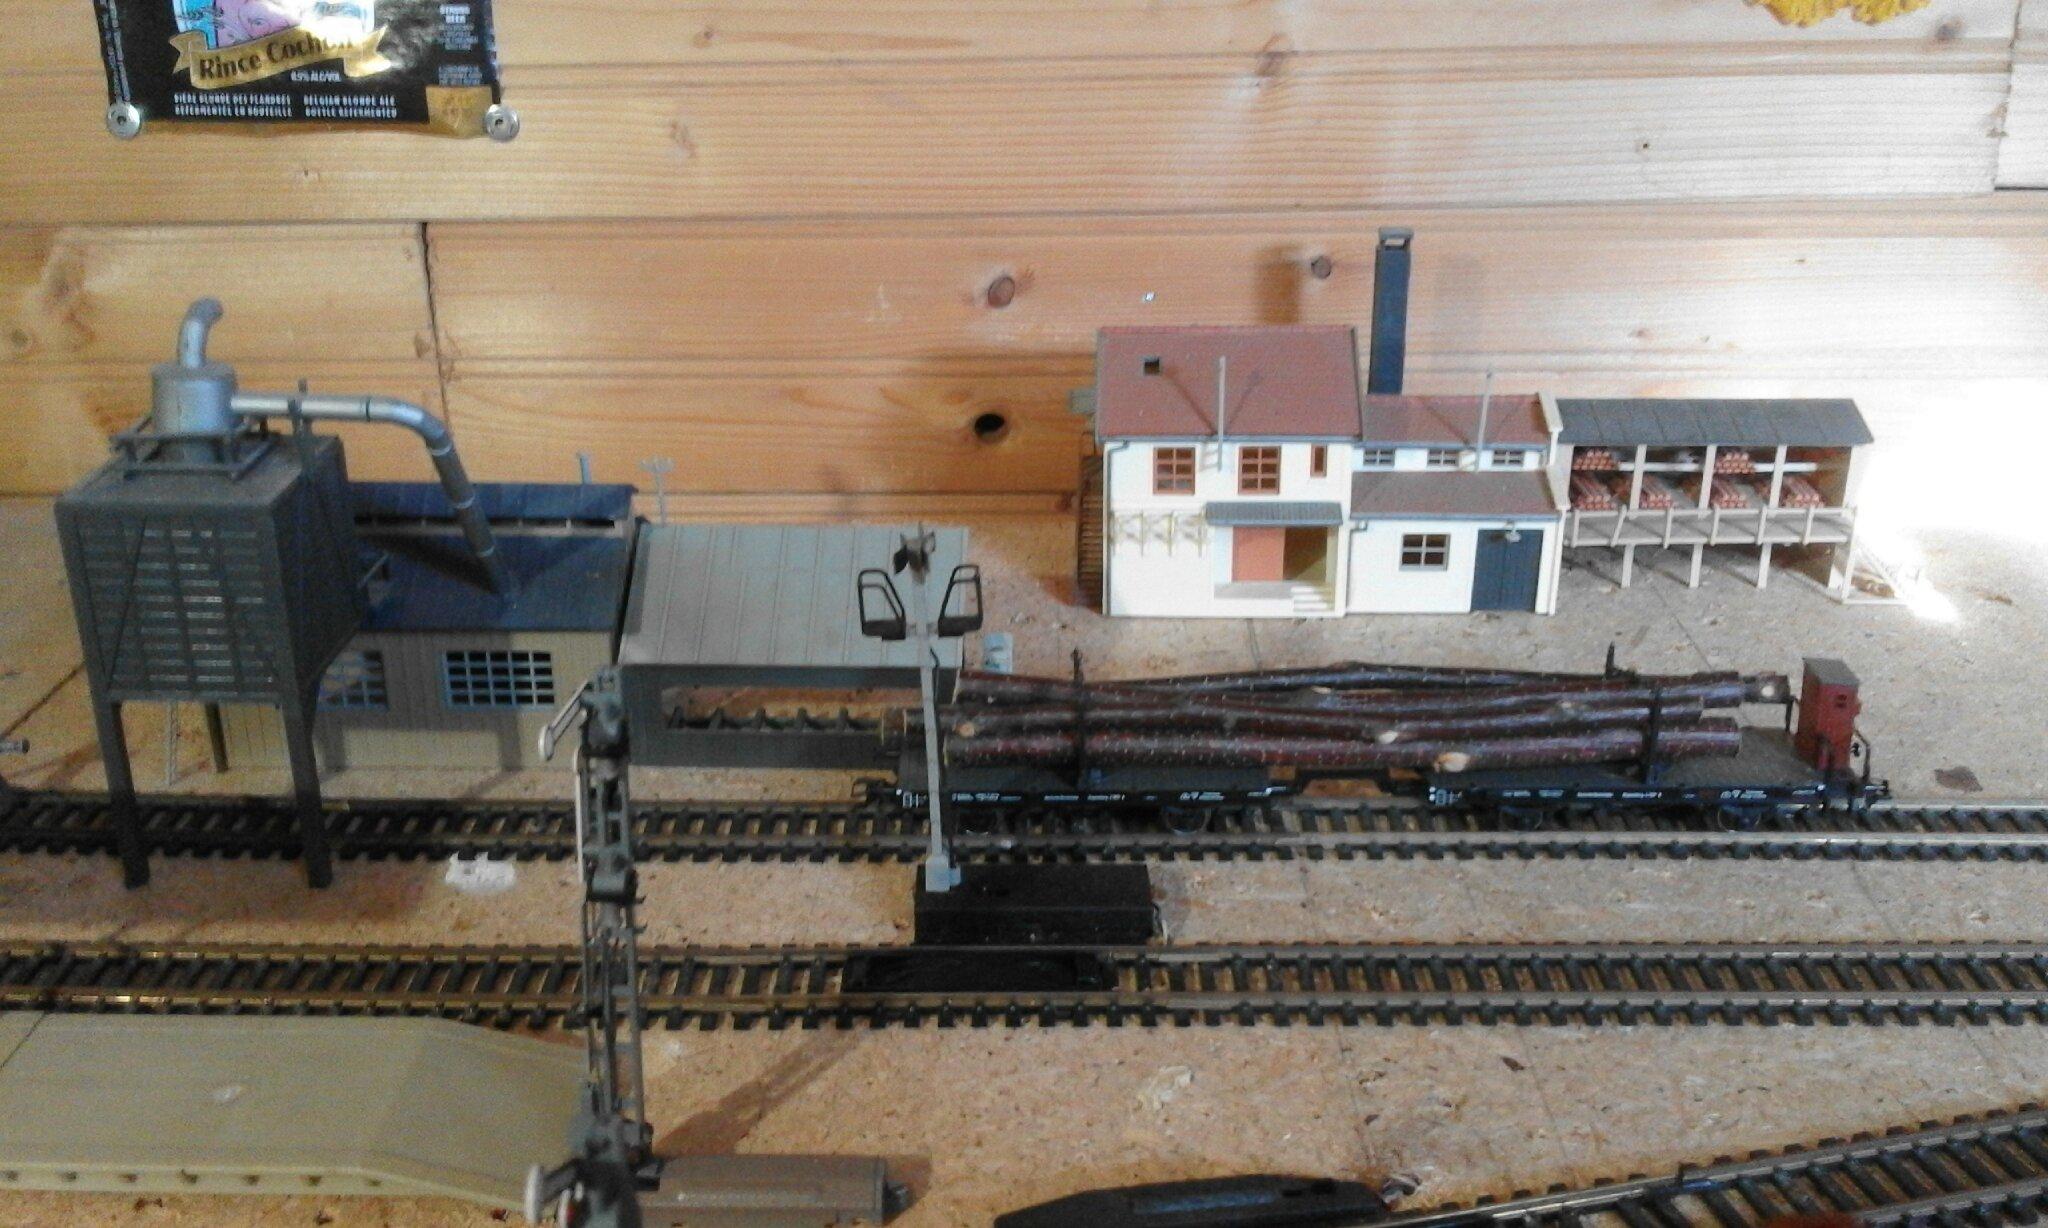 les trains de mon grenier 6 gares et trains. Black Bedroom Furniture Sets. Home Design Ideas